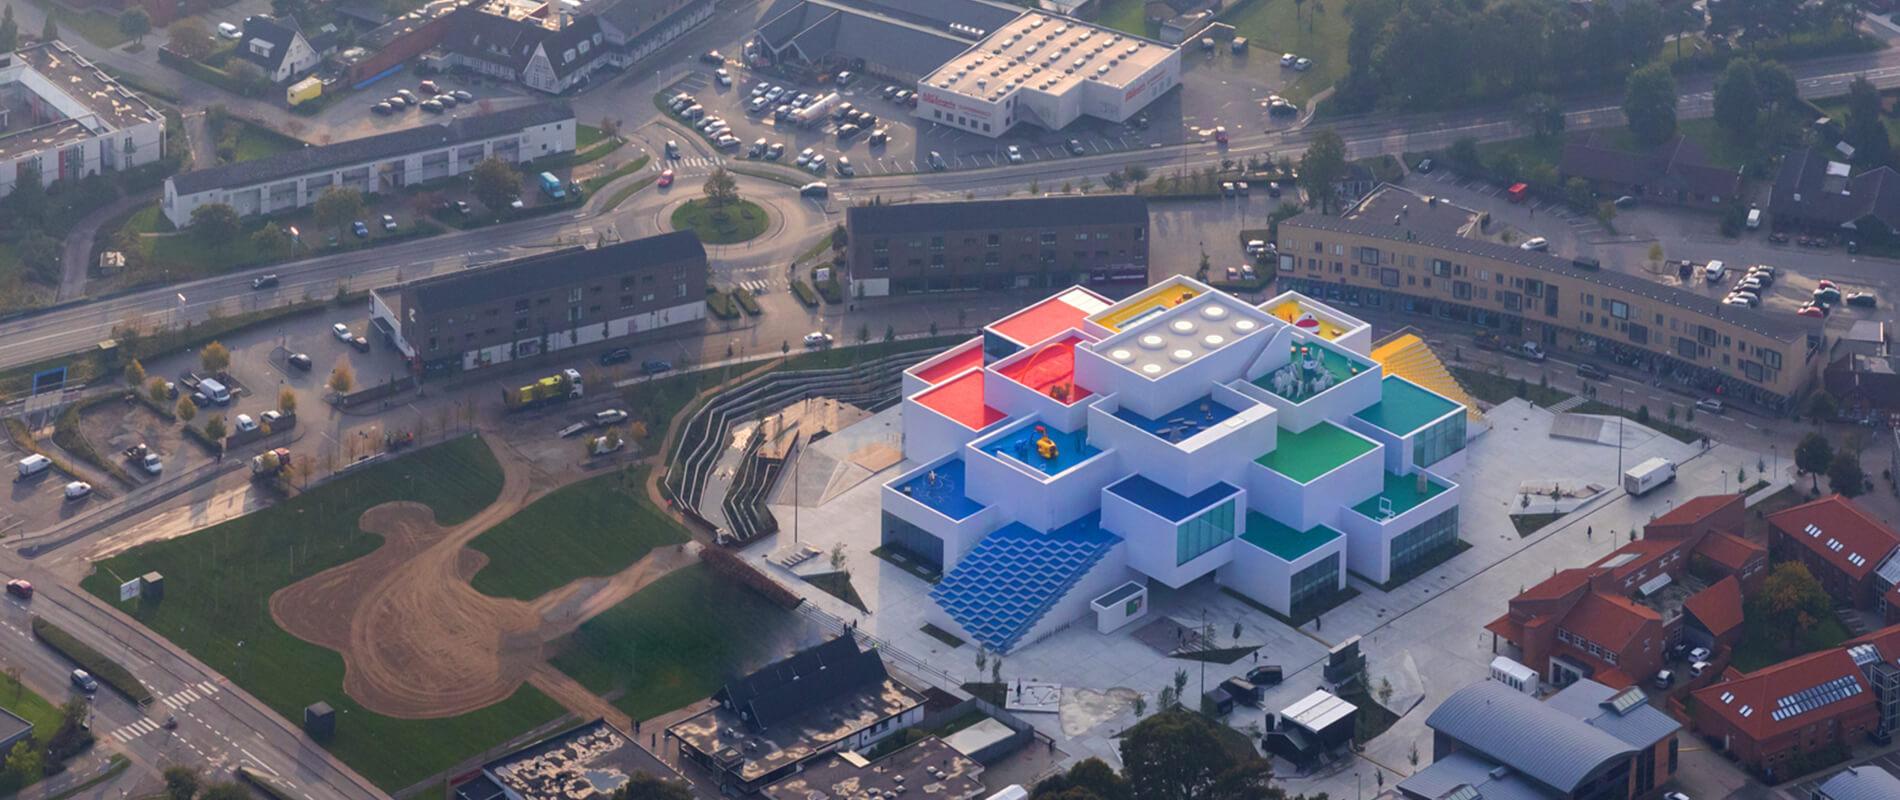 Lego House, la casa dei mattoncini colorati più celebri del mondo